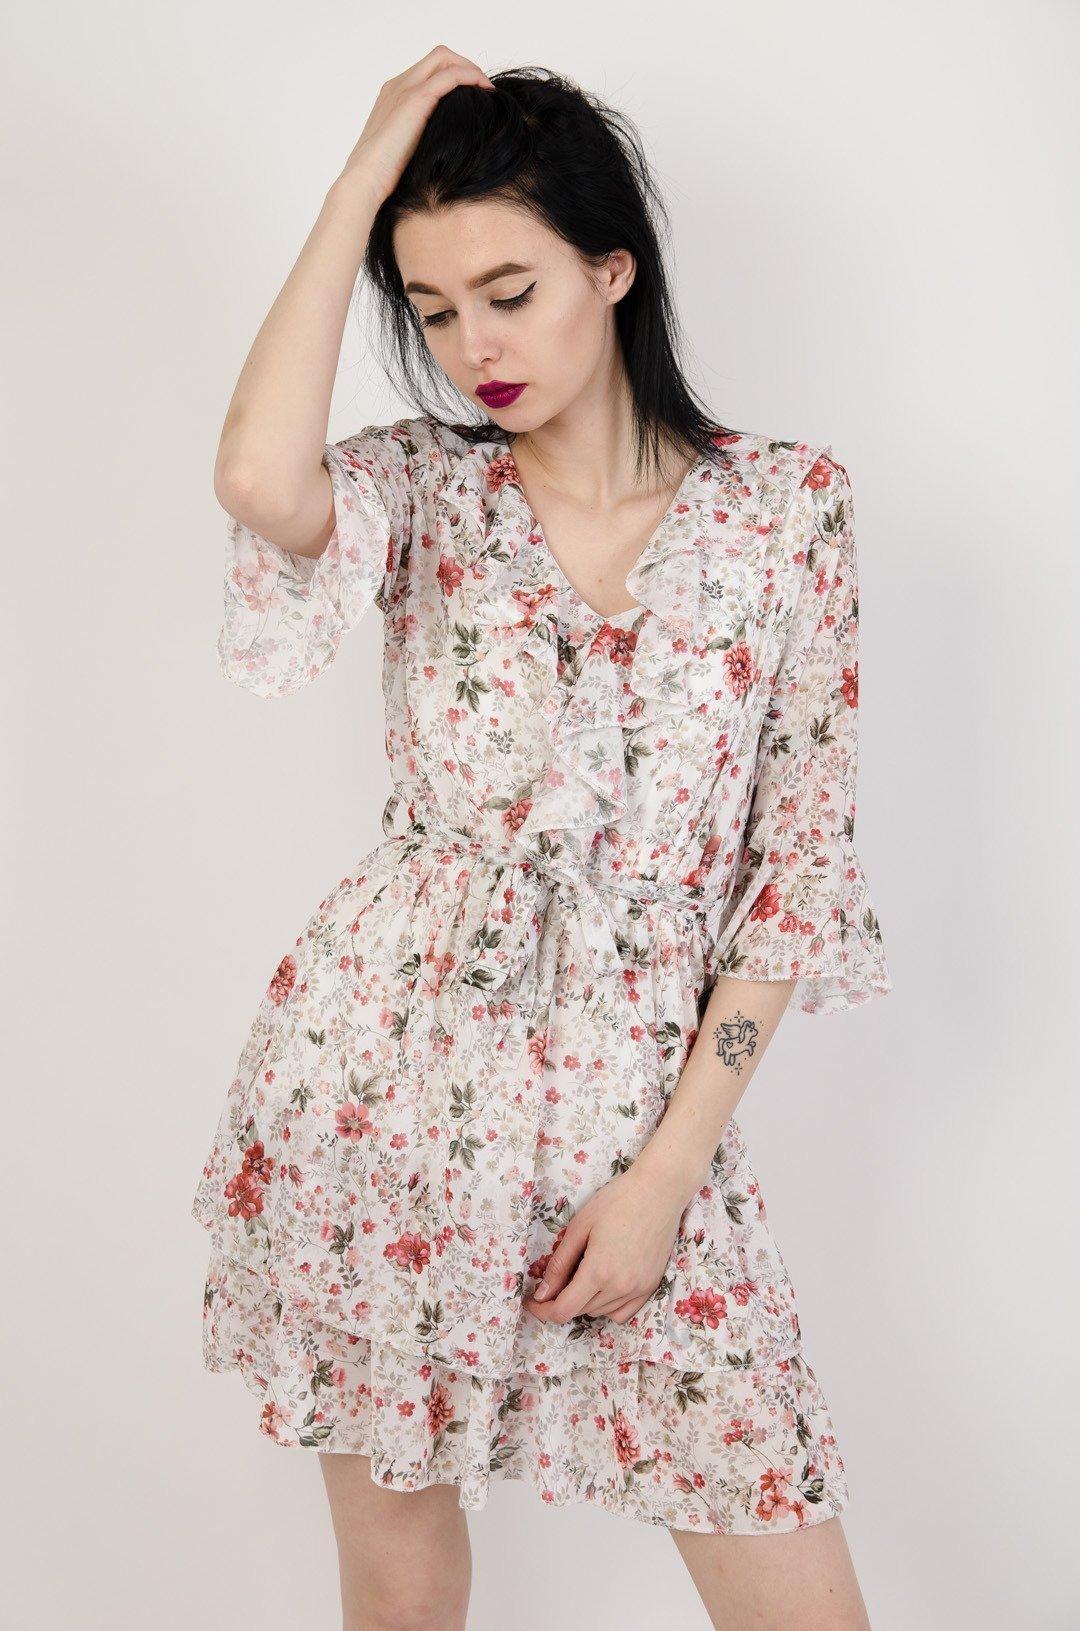 7e38a04ef8400d Biała sukienka w drobne kwiaty z falbanami | NOWOŚCI KOLEKCJA ...